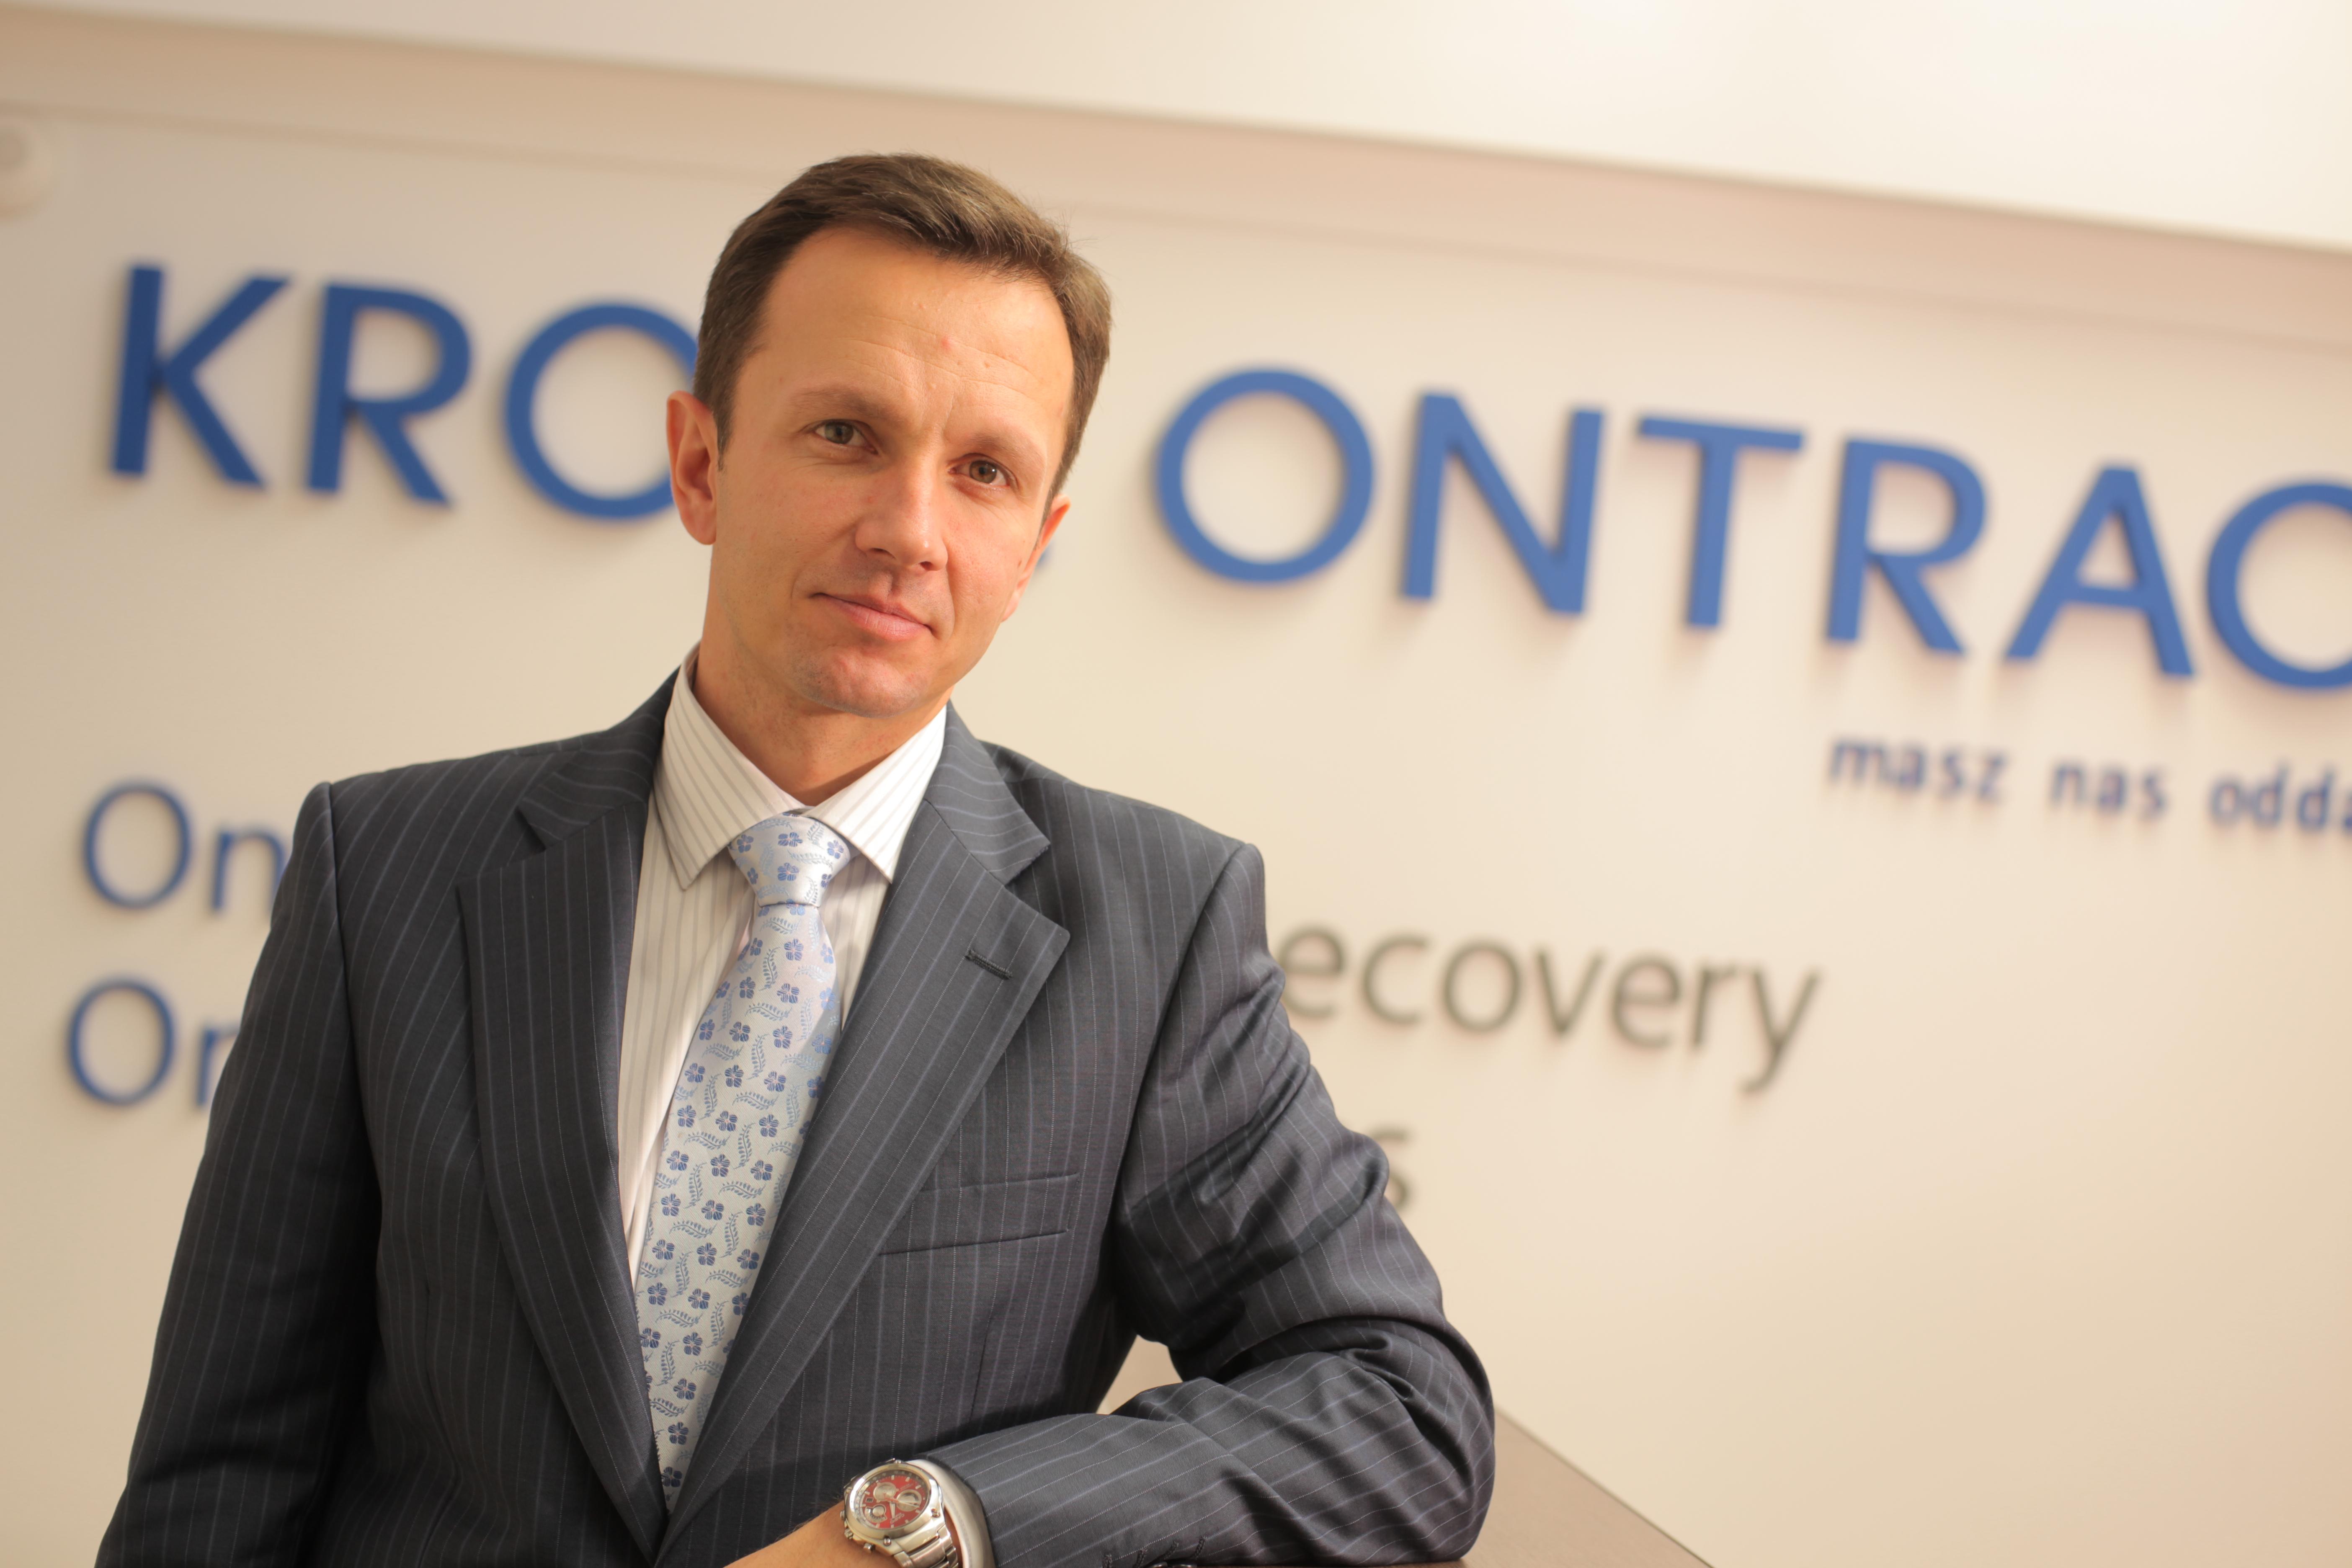 Adam Kostecki, specjalista do spraw rozwoju i bezpieczeństwa Kroll Ontrack